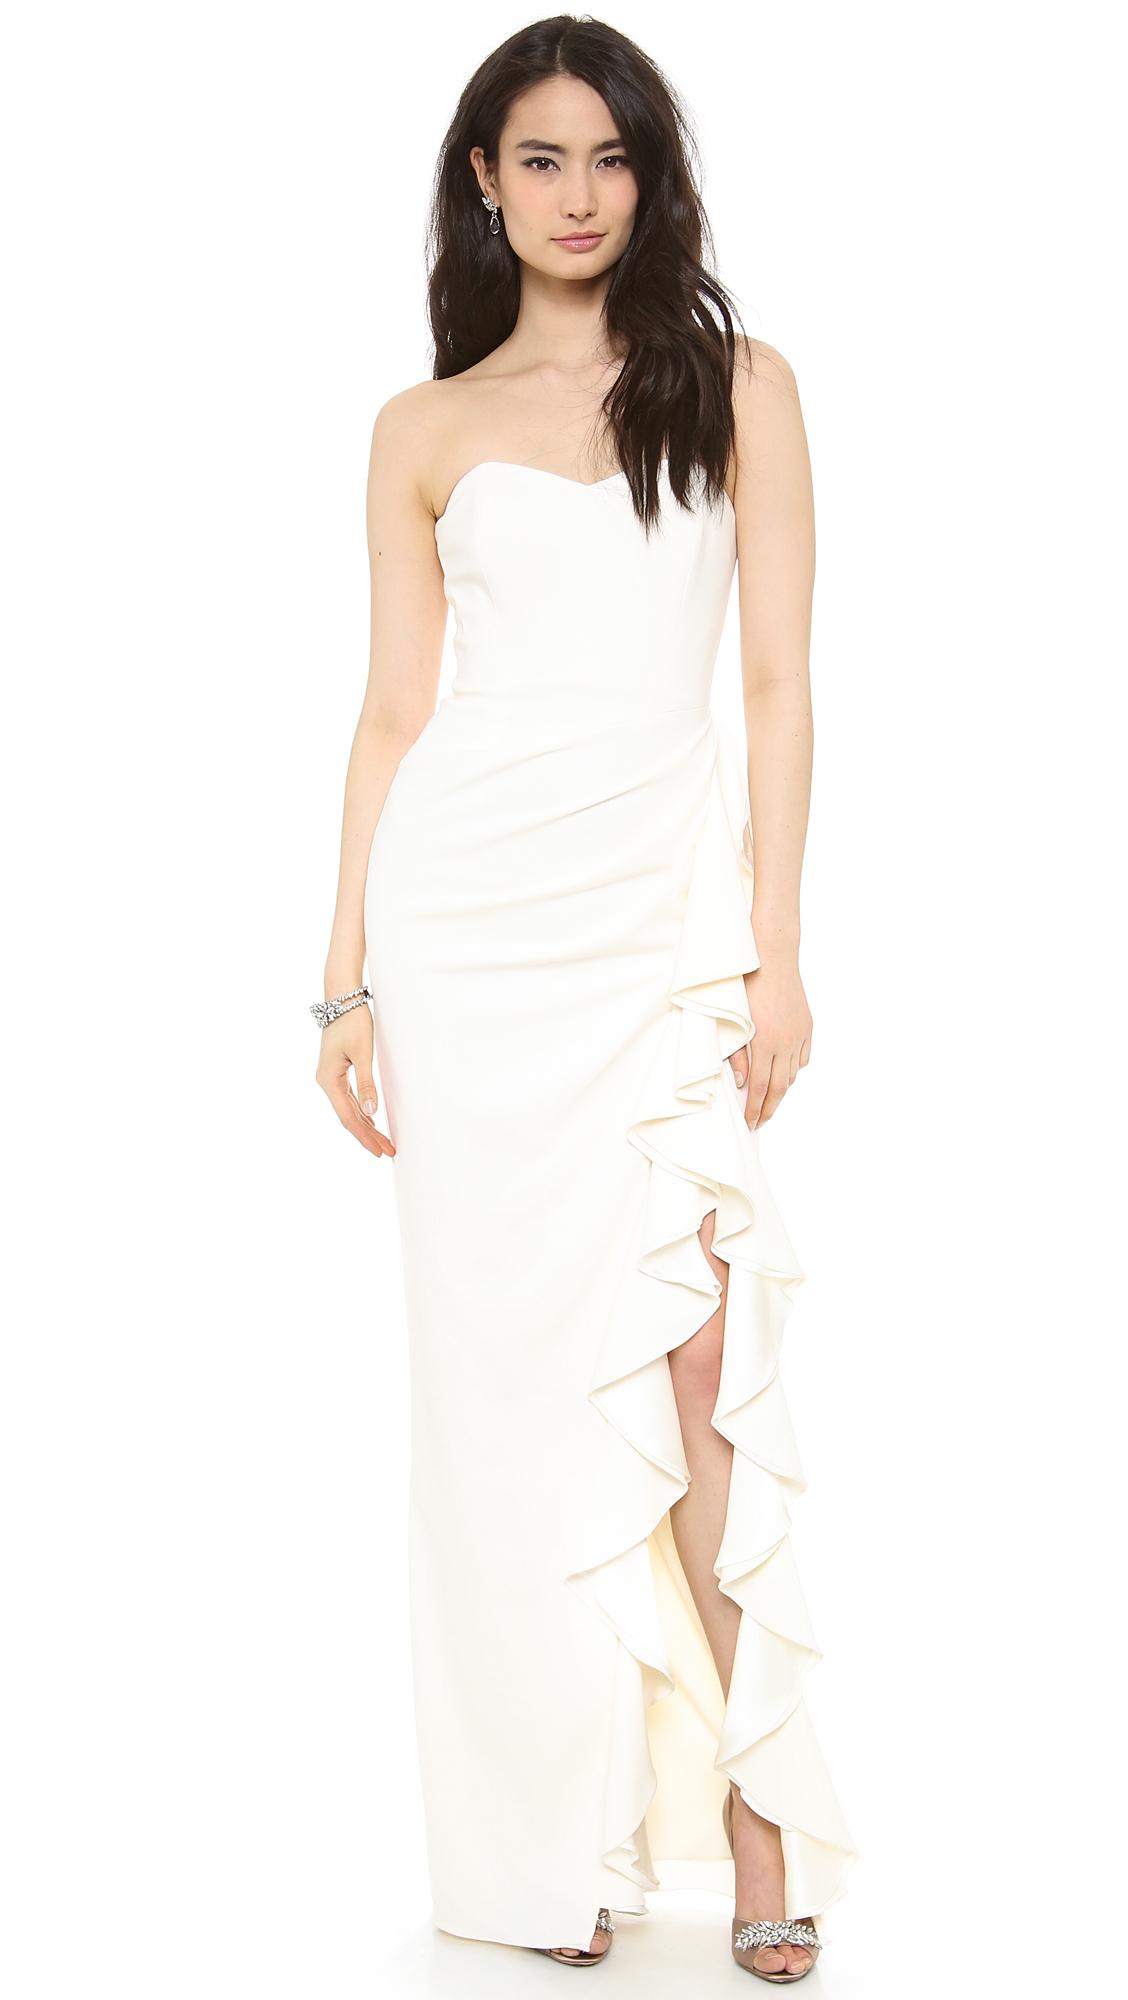 Lyst - Badgley mischka Ruffle Slit Strapless Gown in White